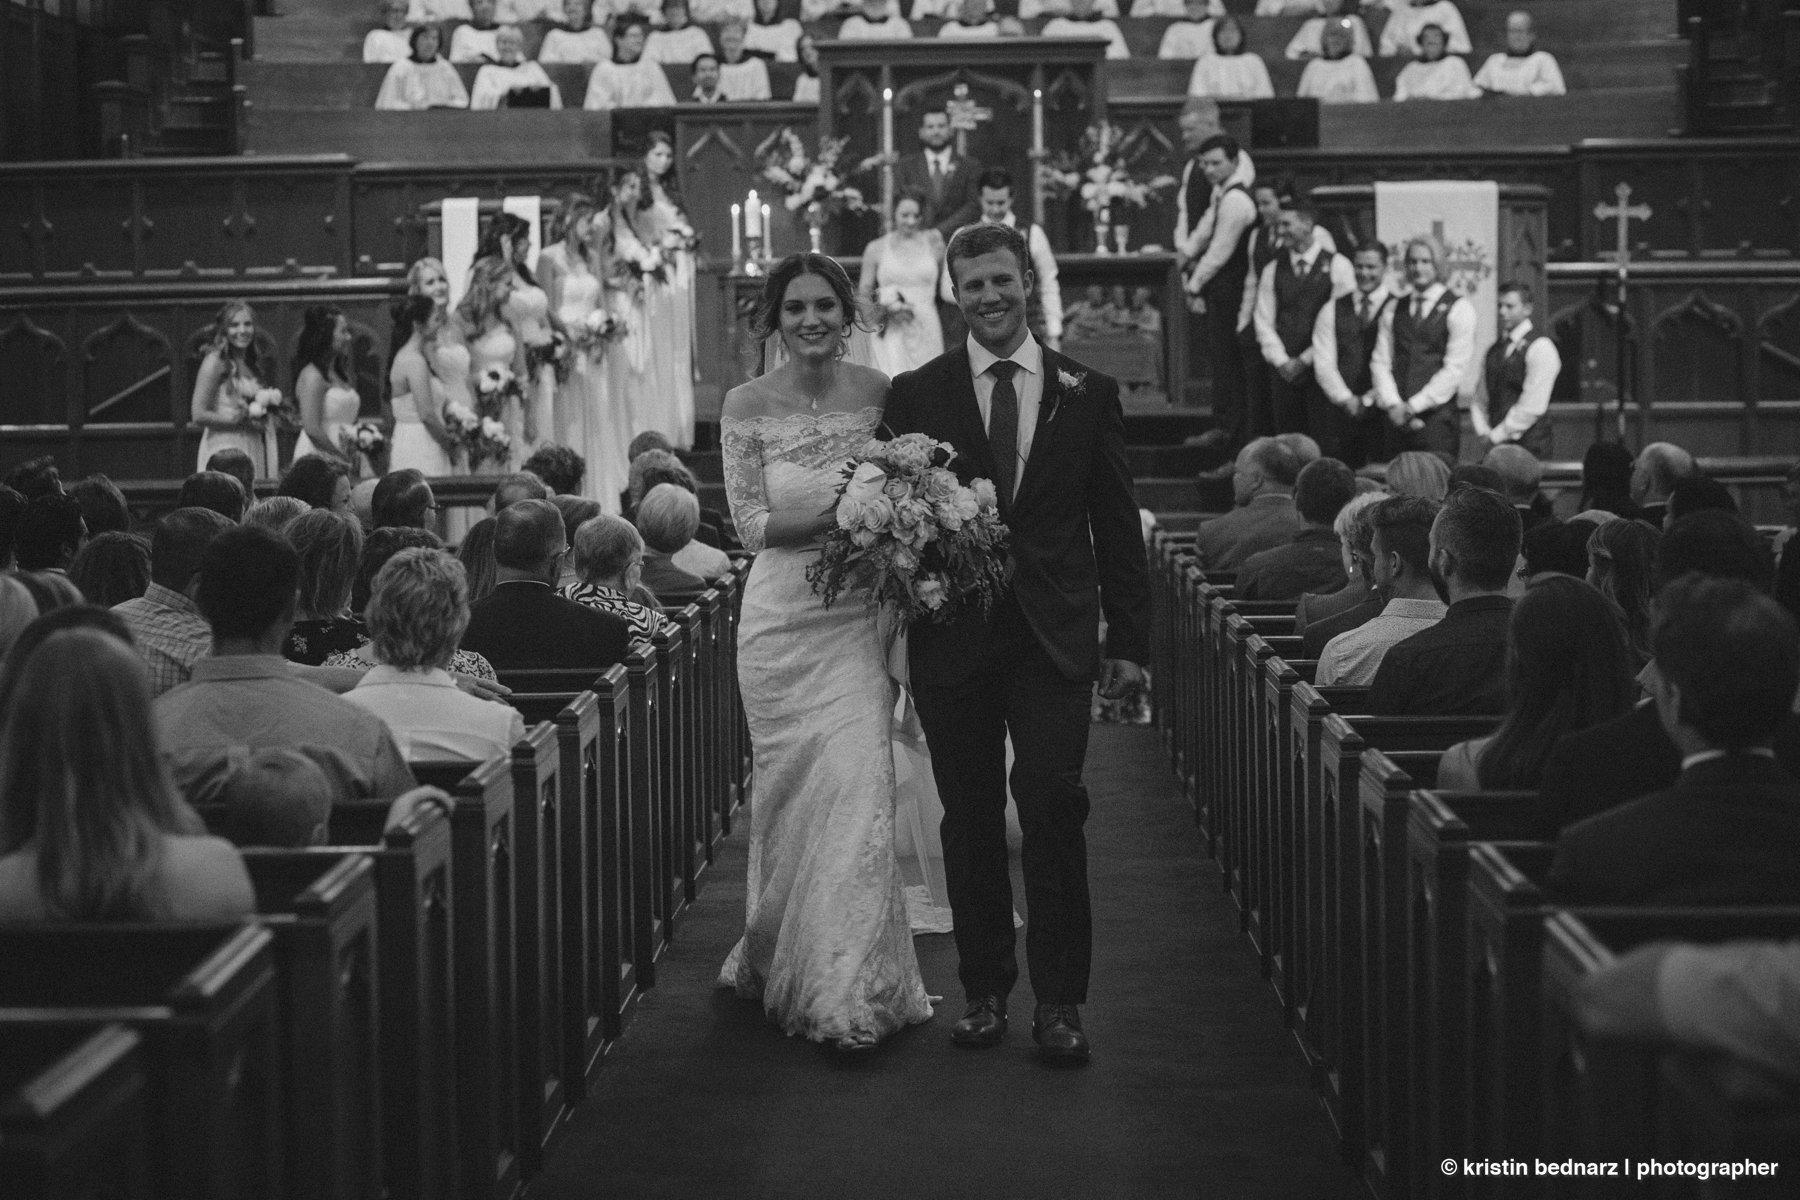 Krisitin_Bednarz_Lubbock_Wedding_Photographer_20180602_0066.JPG